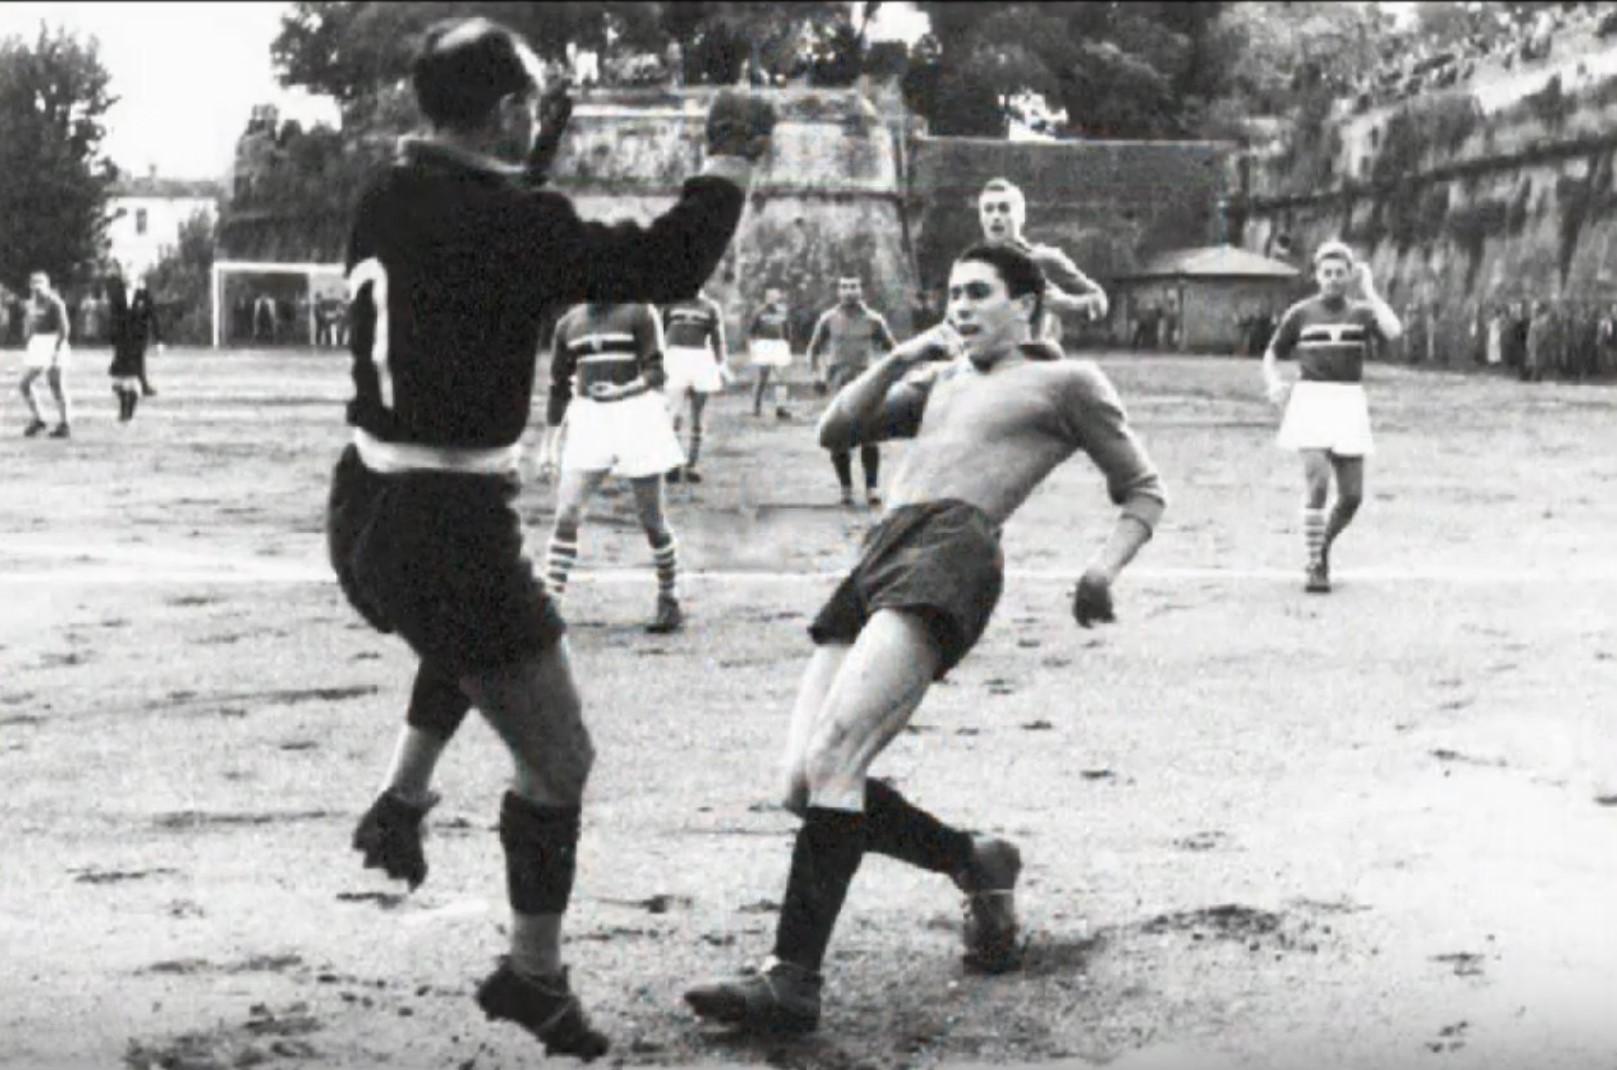 Fioravanti anticipato dal portiere doriano nell'amichevole tra Us Grosseto e Sampdoria del novembre 1940 (immagine tratta da YouTube)